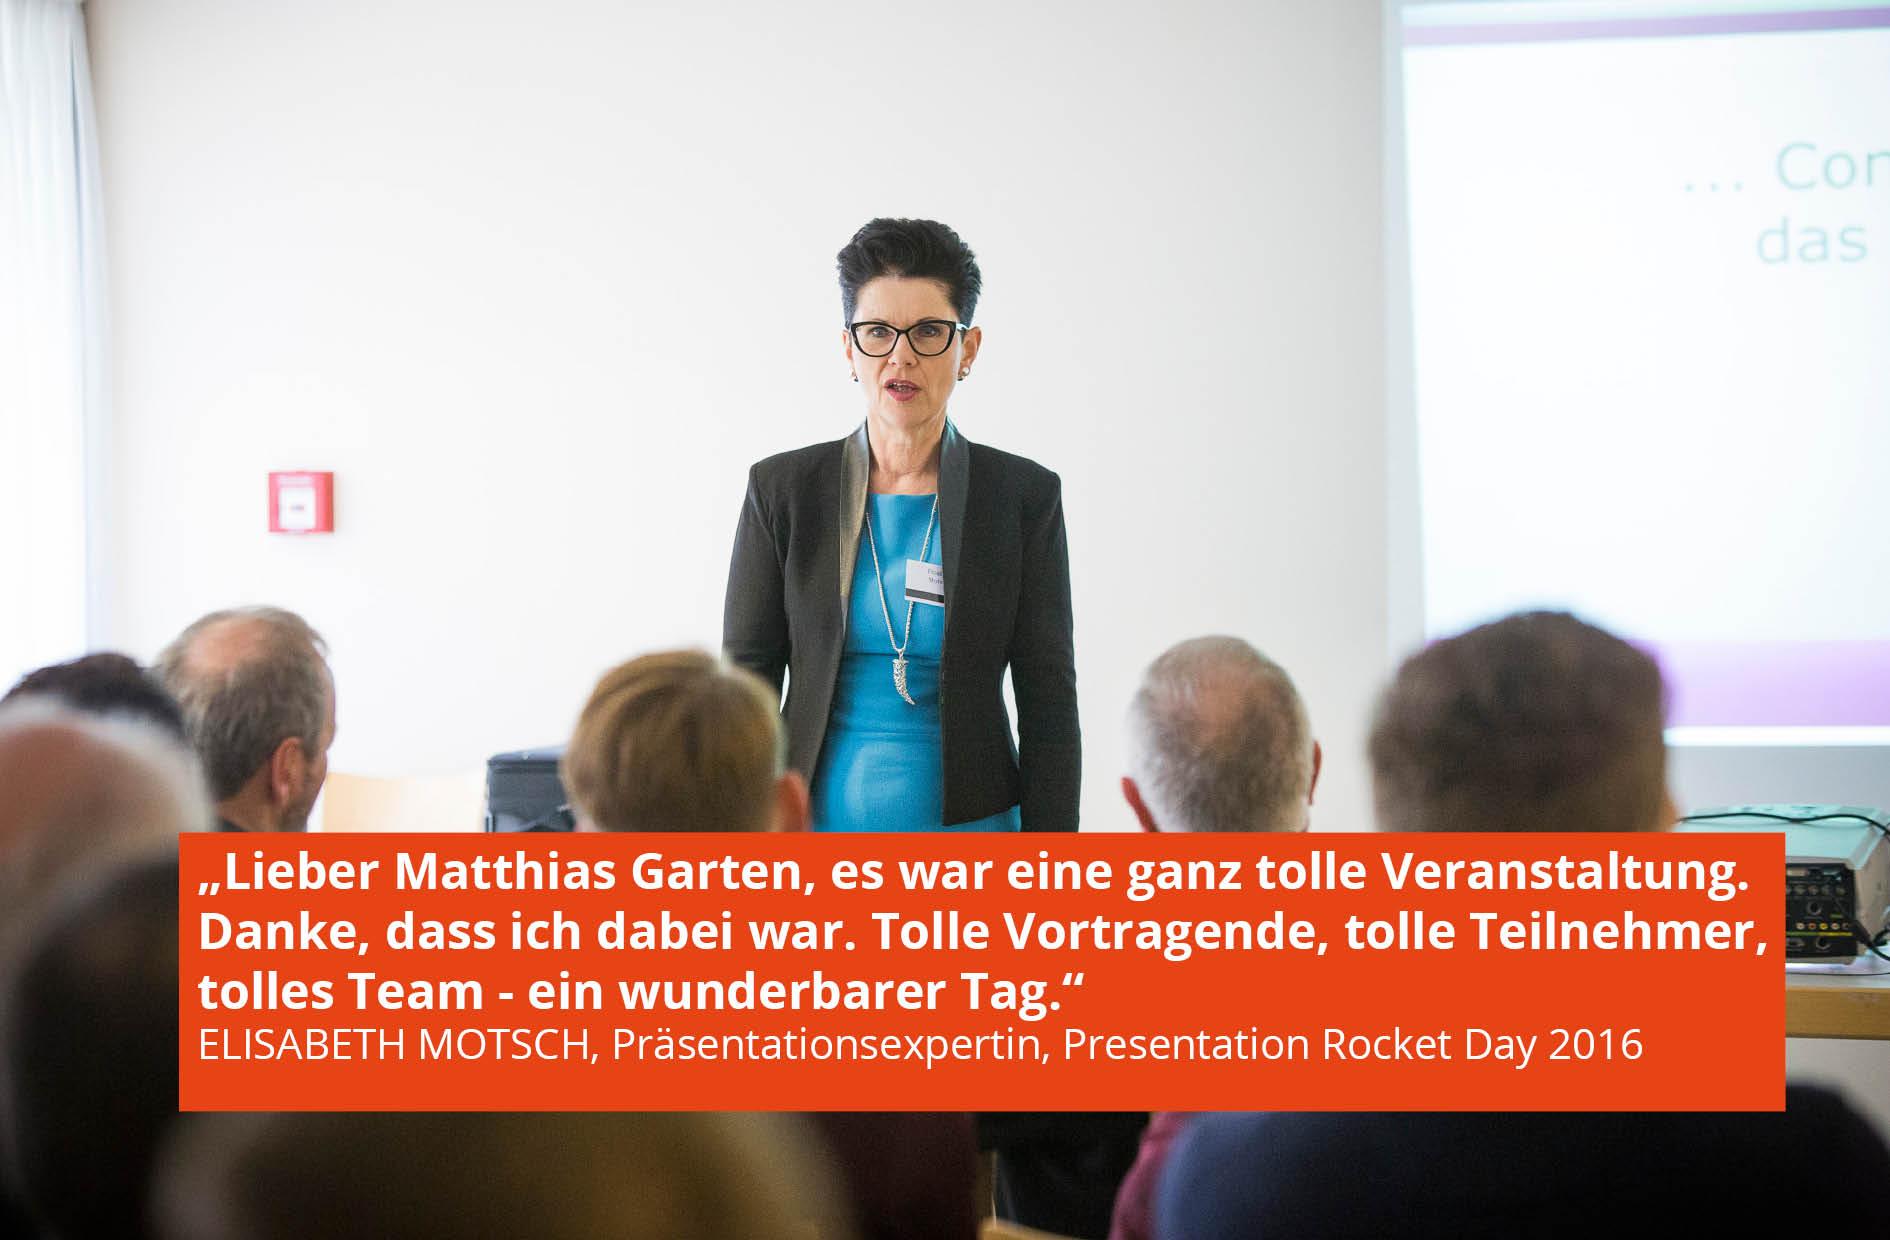 Kundenstimme_1_Elisabeth Motsch